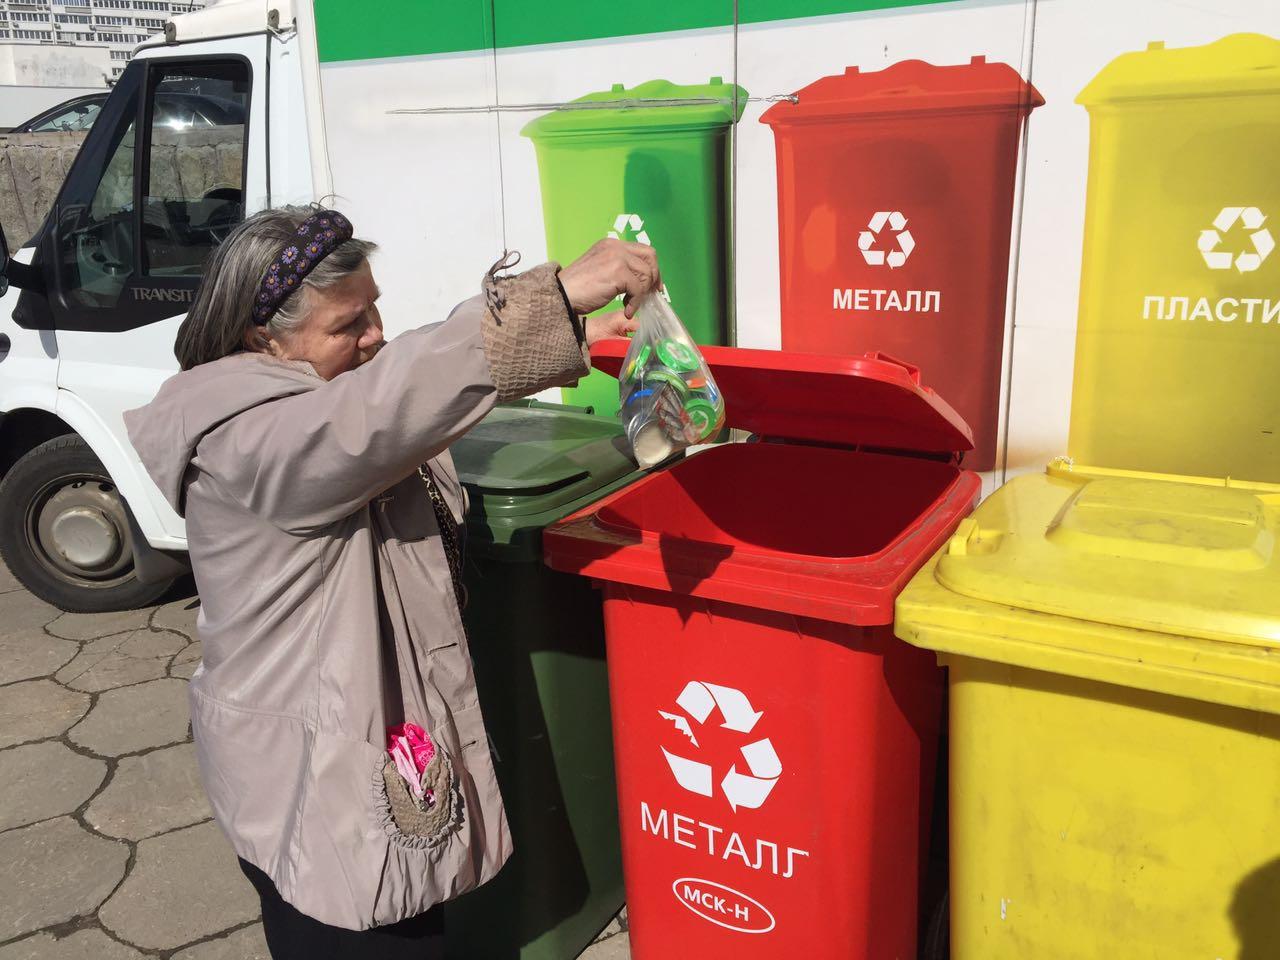 Болен ли человек, который собирает мусор?